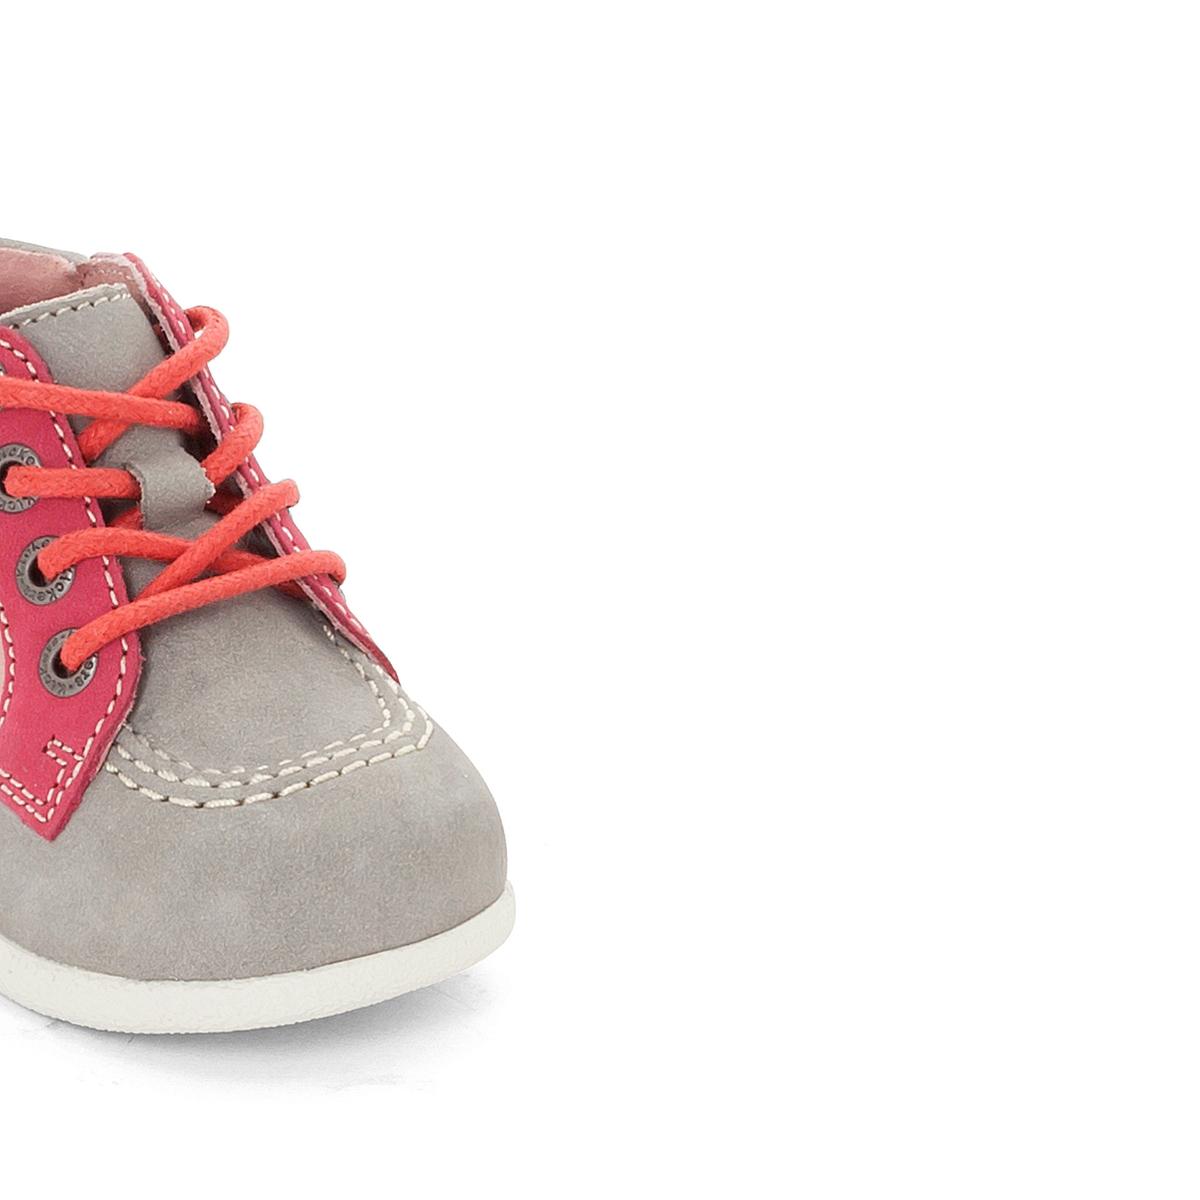 Ботинки BabystanВерх : нубук   Подкладка : Без подкладки   Стелька : ВелюрПодошва : Каучук   Застежка : Шнуровка<br><br>Цвет: светло-серый/розовый<br>Размер: 19